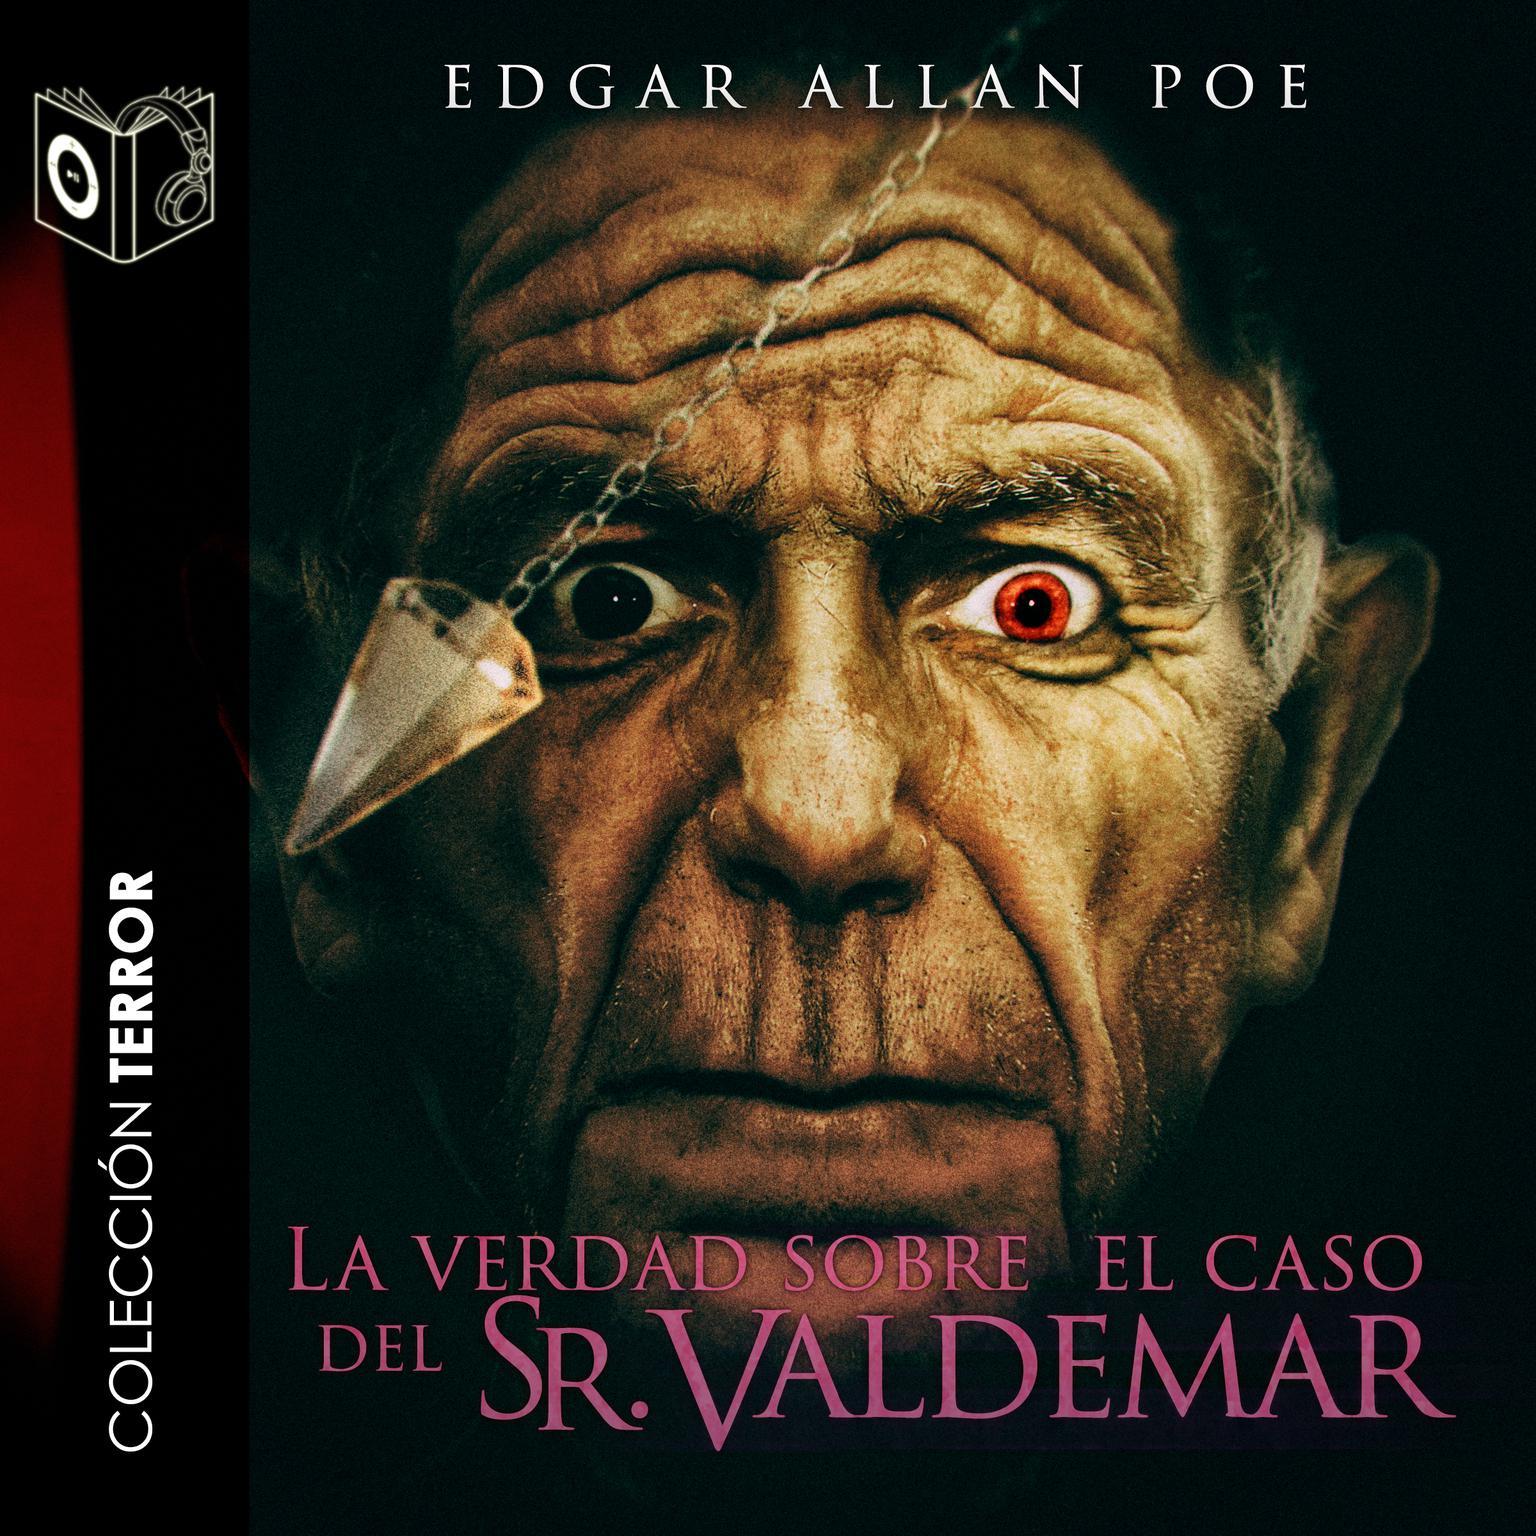 La verdad sobre el caso del Sr. Valdemar Audiobook, by Edgar Allan Poe